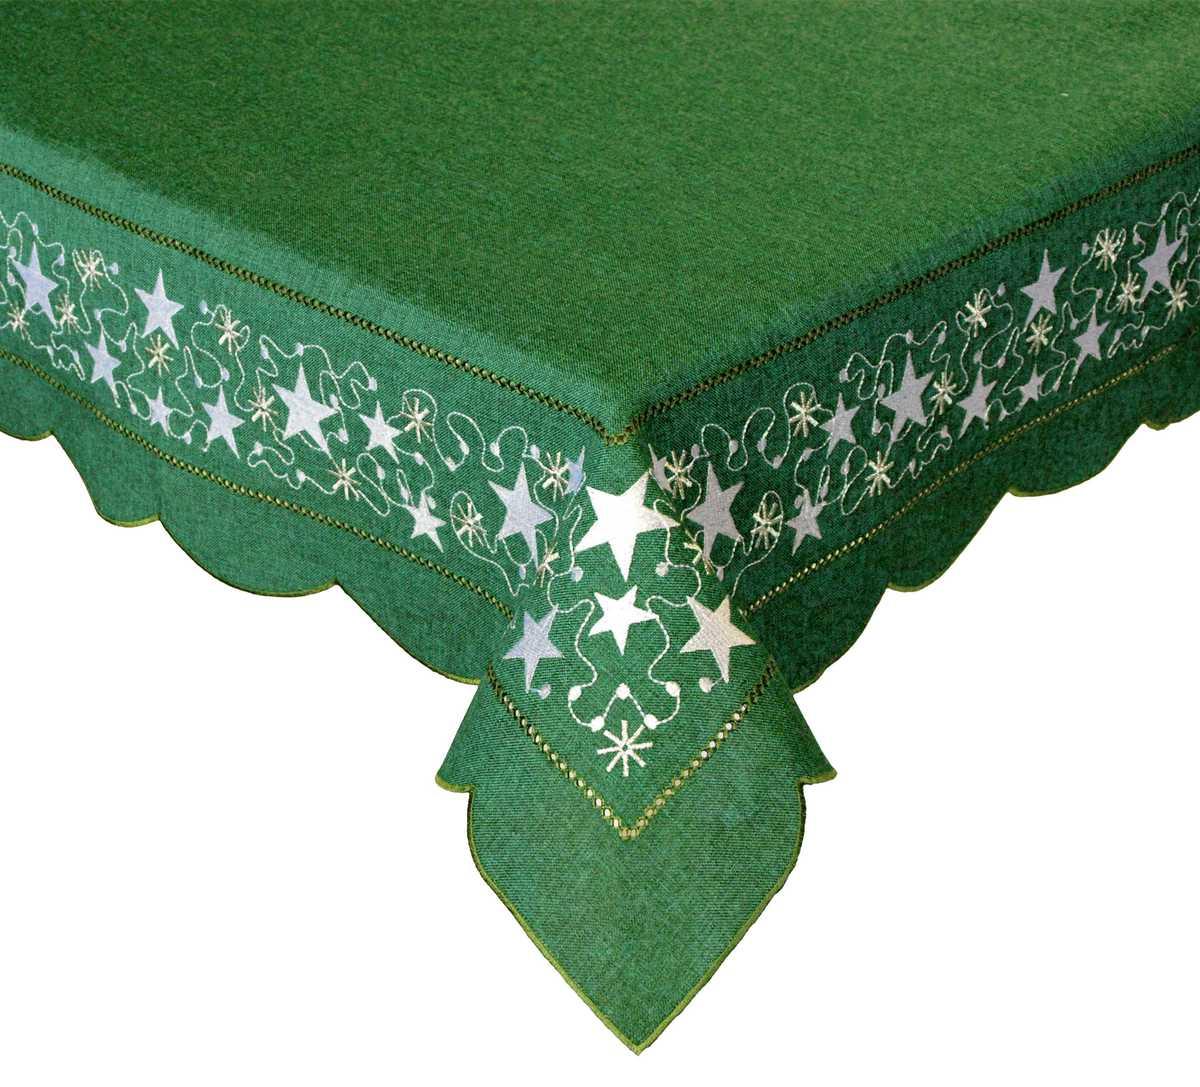 Forbyt, Vánoční ubrus, Stříbrná hvězda, zelený 120 x 140cm